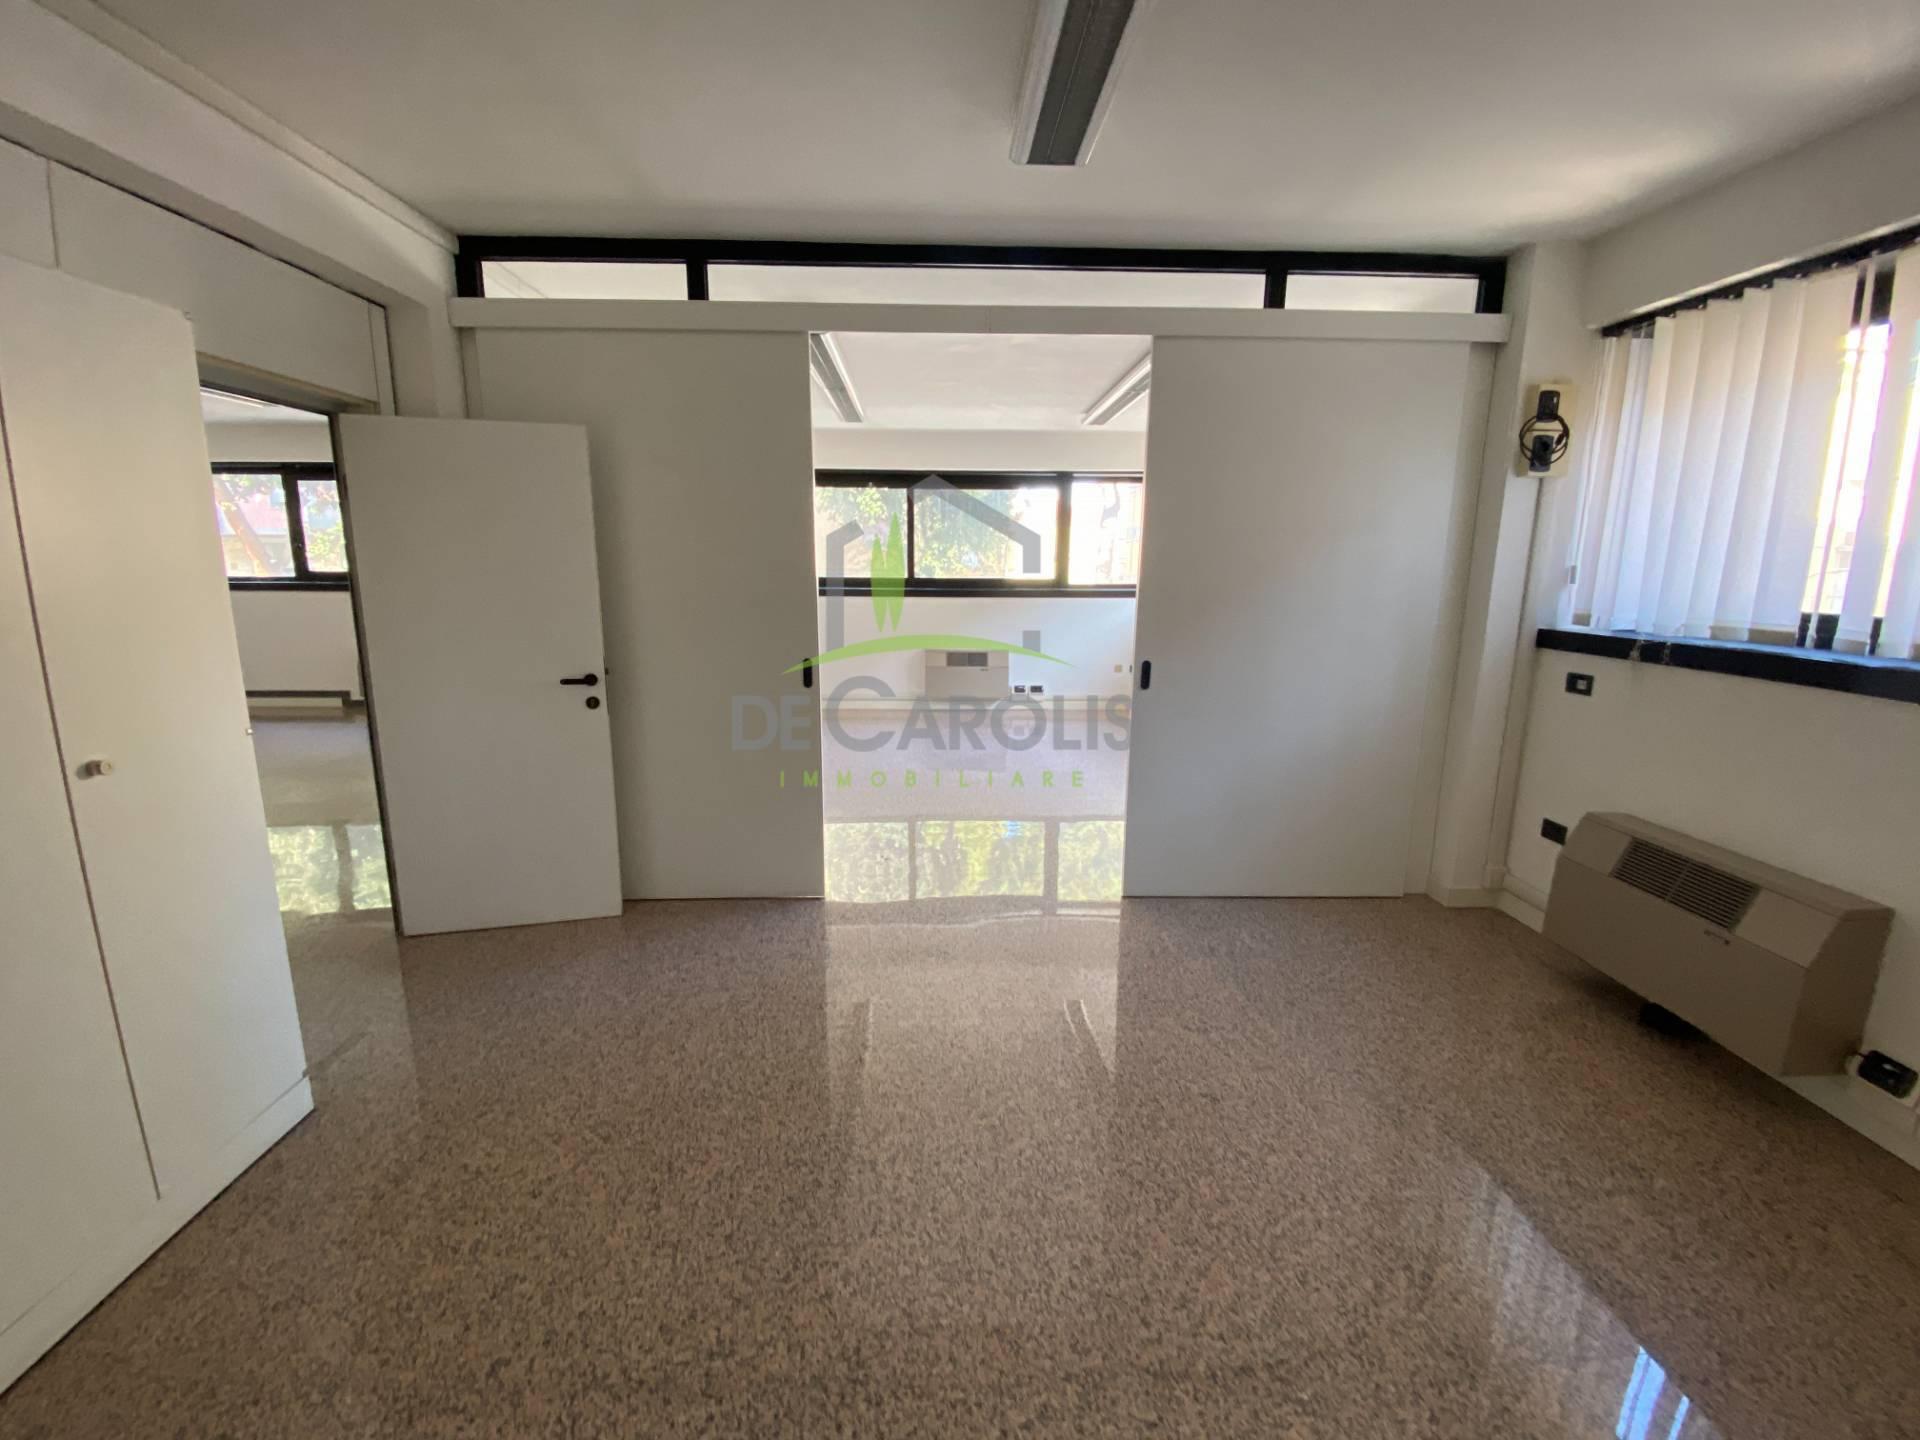 Ufficio / Studio in affitto a Ascoli Piceno, 9999 locali, zona Località: PortaMaggiore, prezzo € 600 | CambioCasa.it